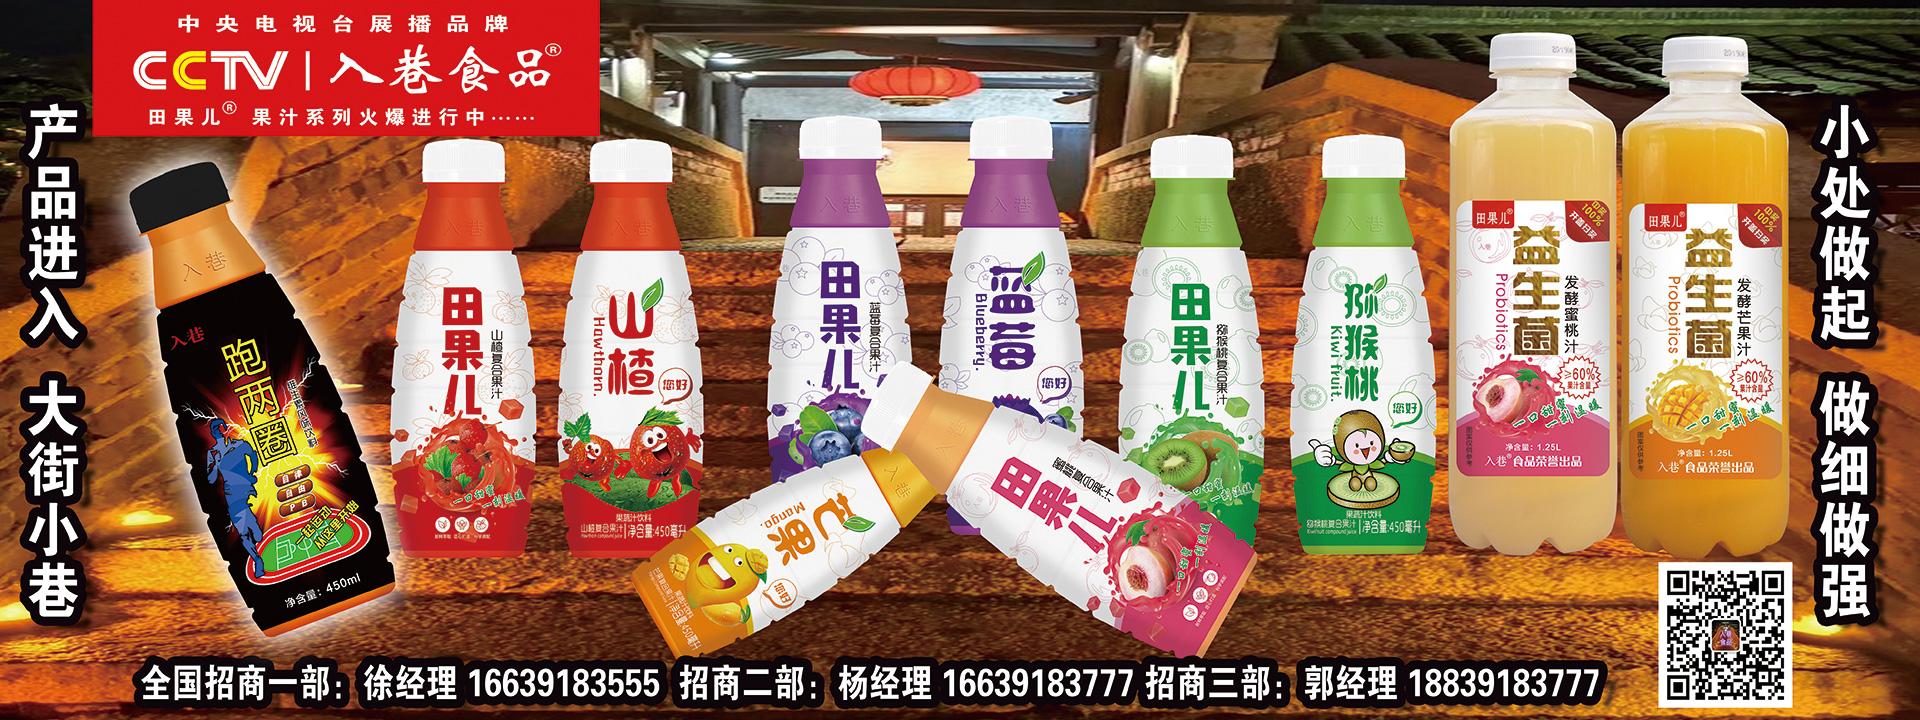 苏州入巷食品有限公司